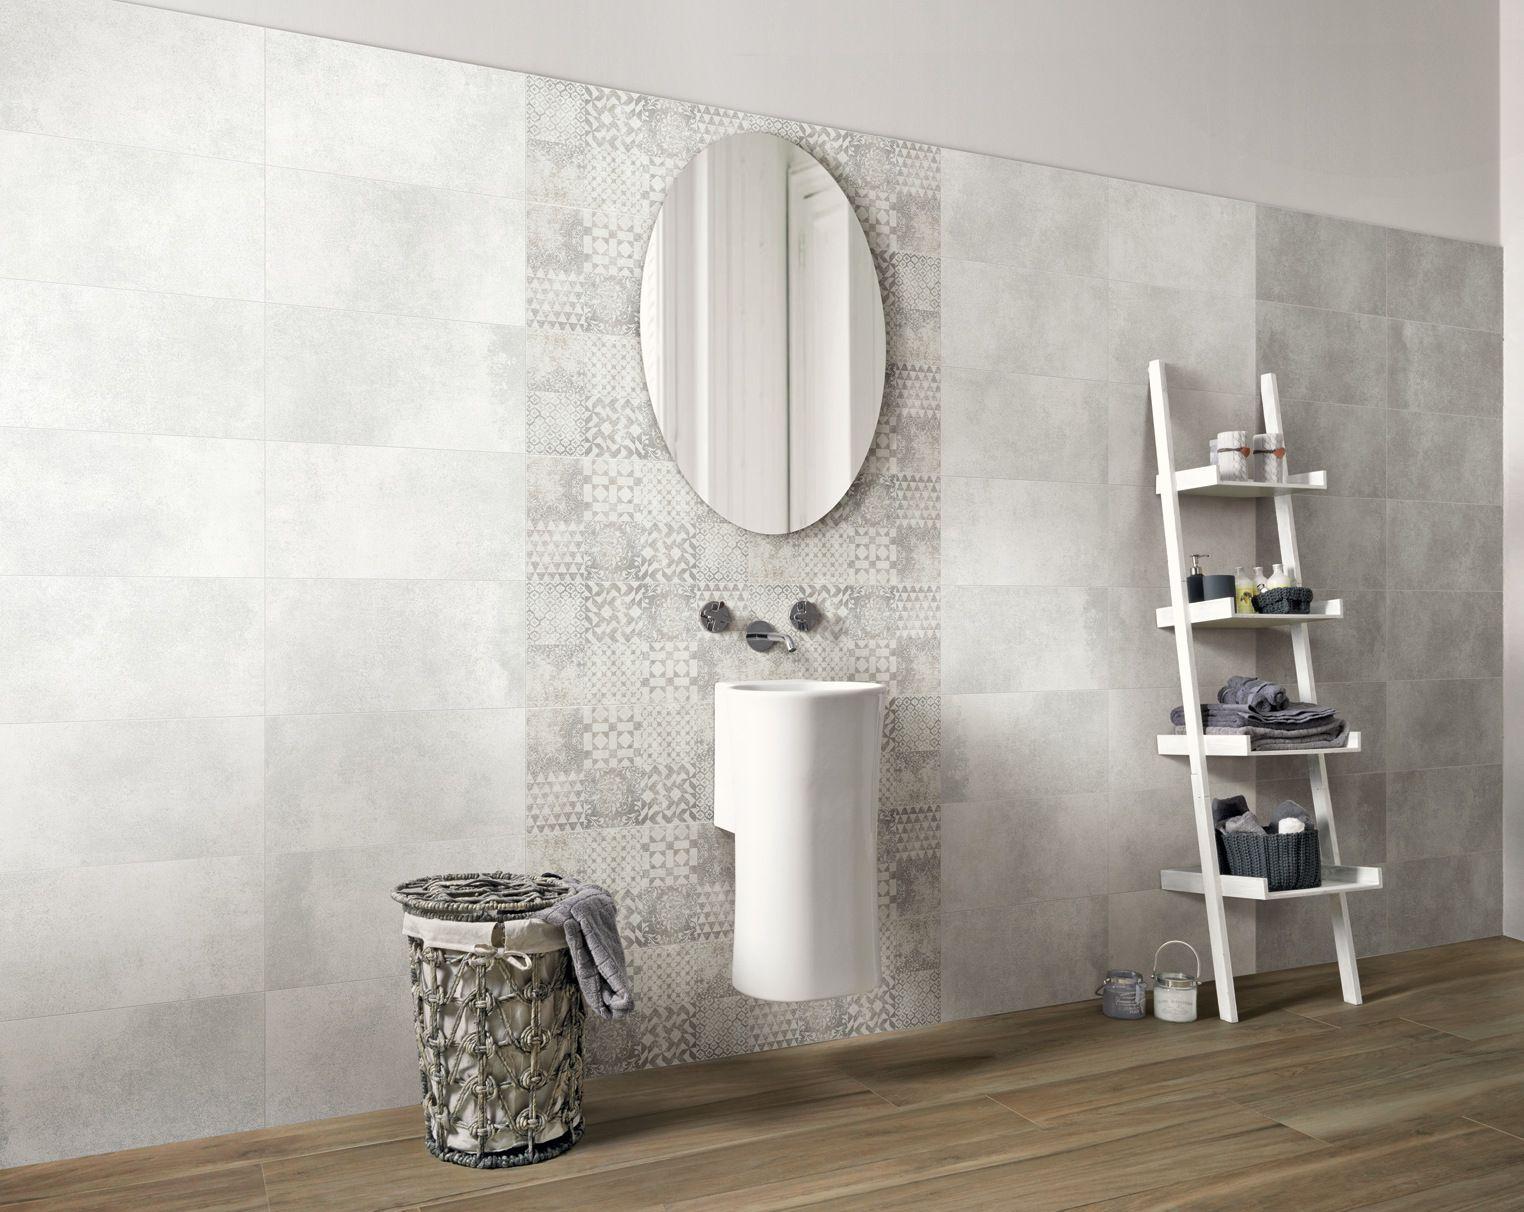 Una striscia di decori che richiamano in chiave moderna le cementine e un pavimento in gres - Decori per bagno ...